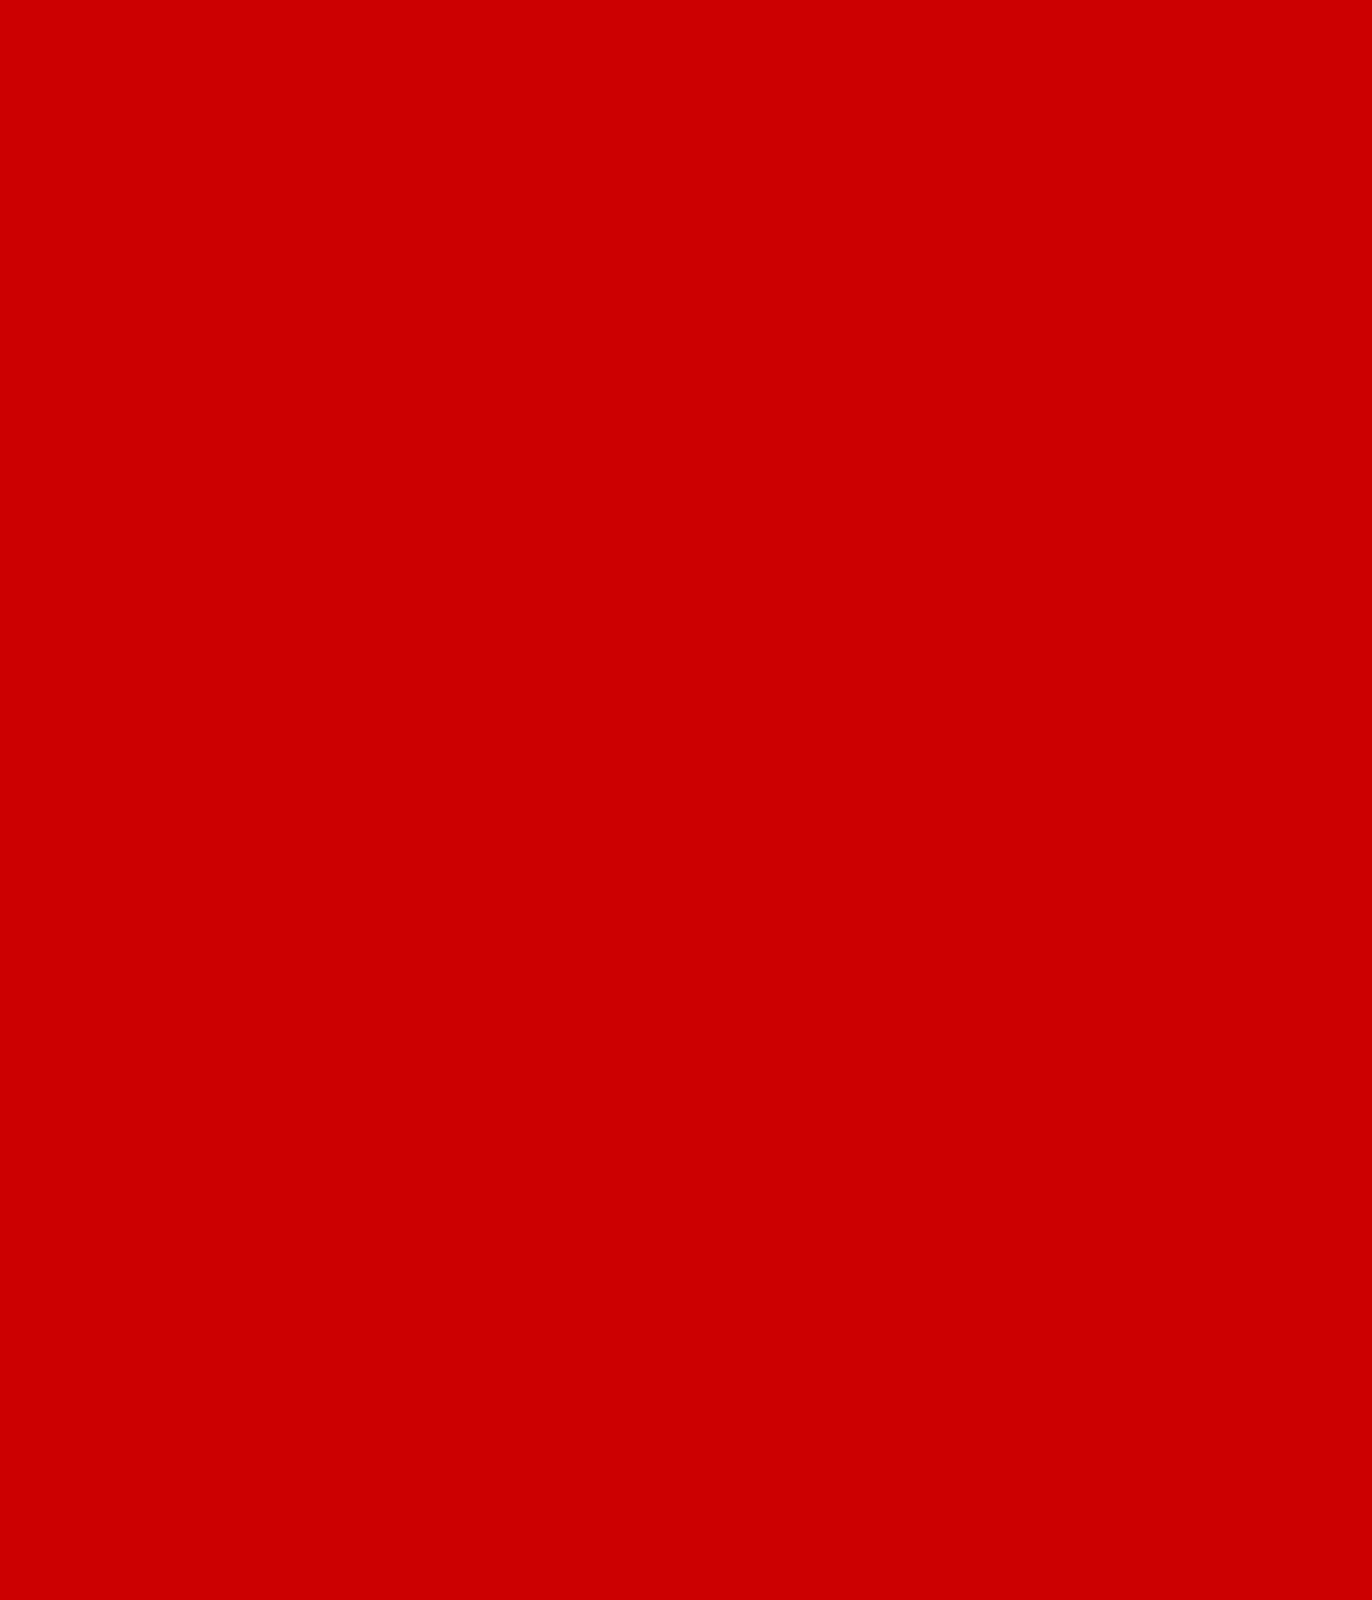 delphi listview subitem image index aBi8